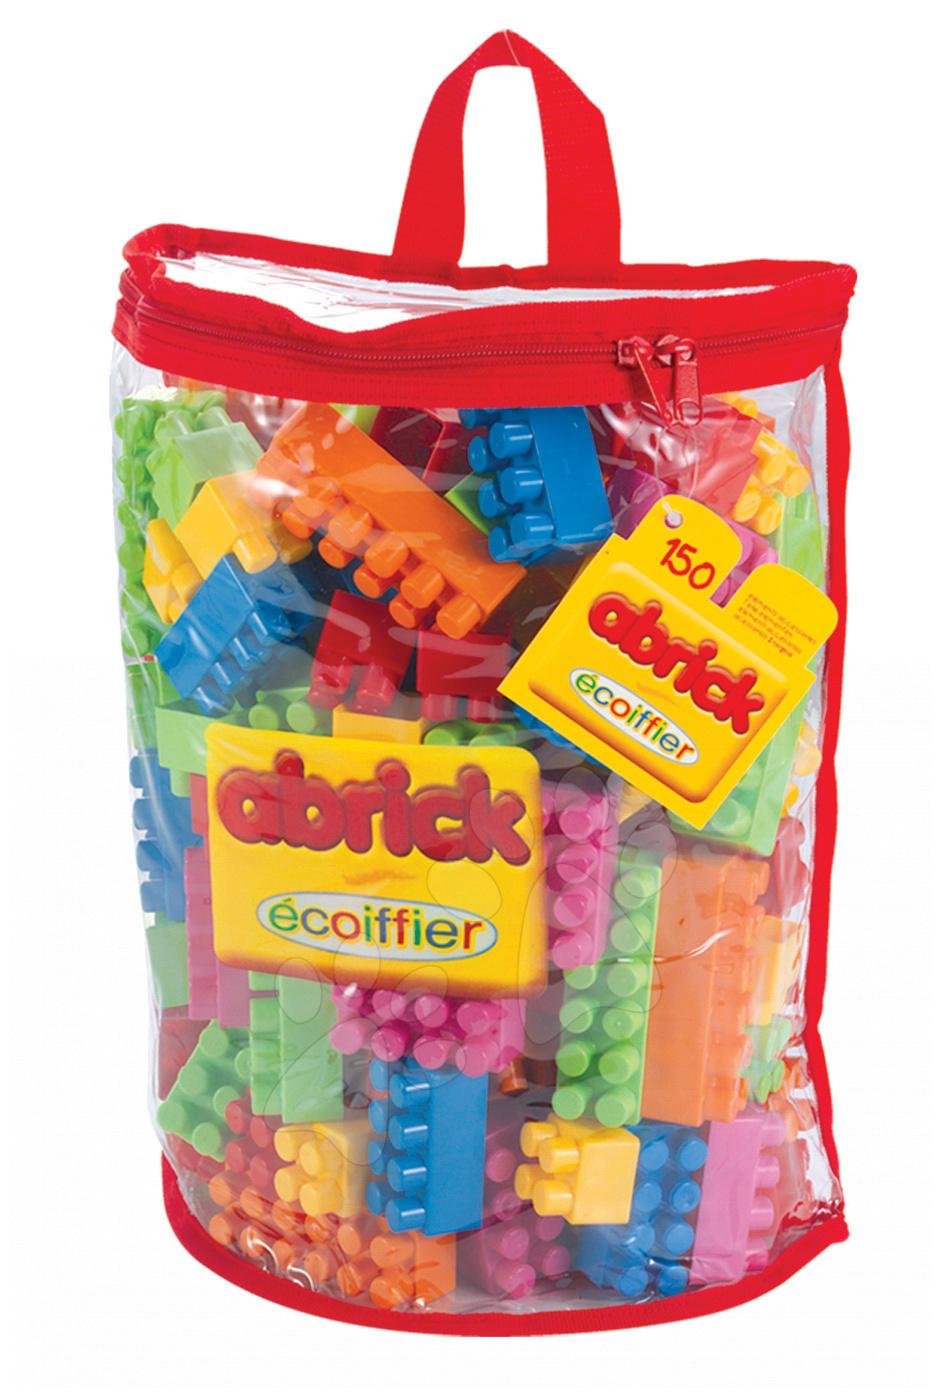 Abrick építőkockák - Építőjáték Abrick Écoiffier táskában 150 darabos